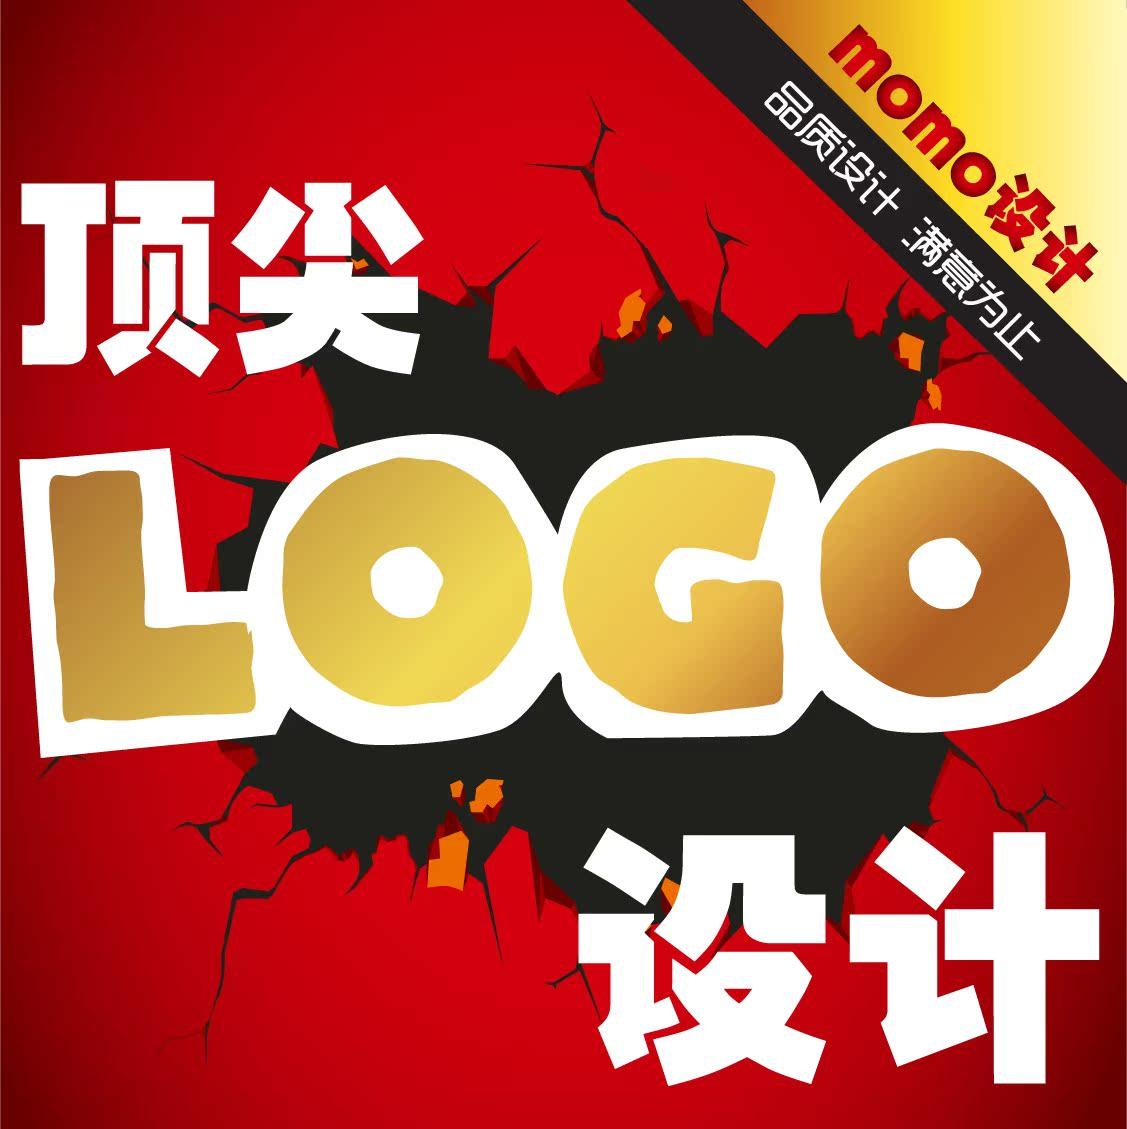 商标设计标志设计图标注册公司logo设计满意下单婚礼婚庆淘宝店标